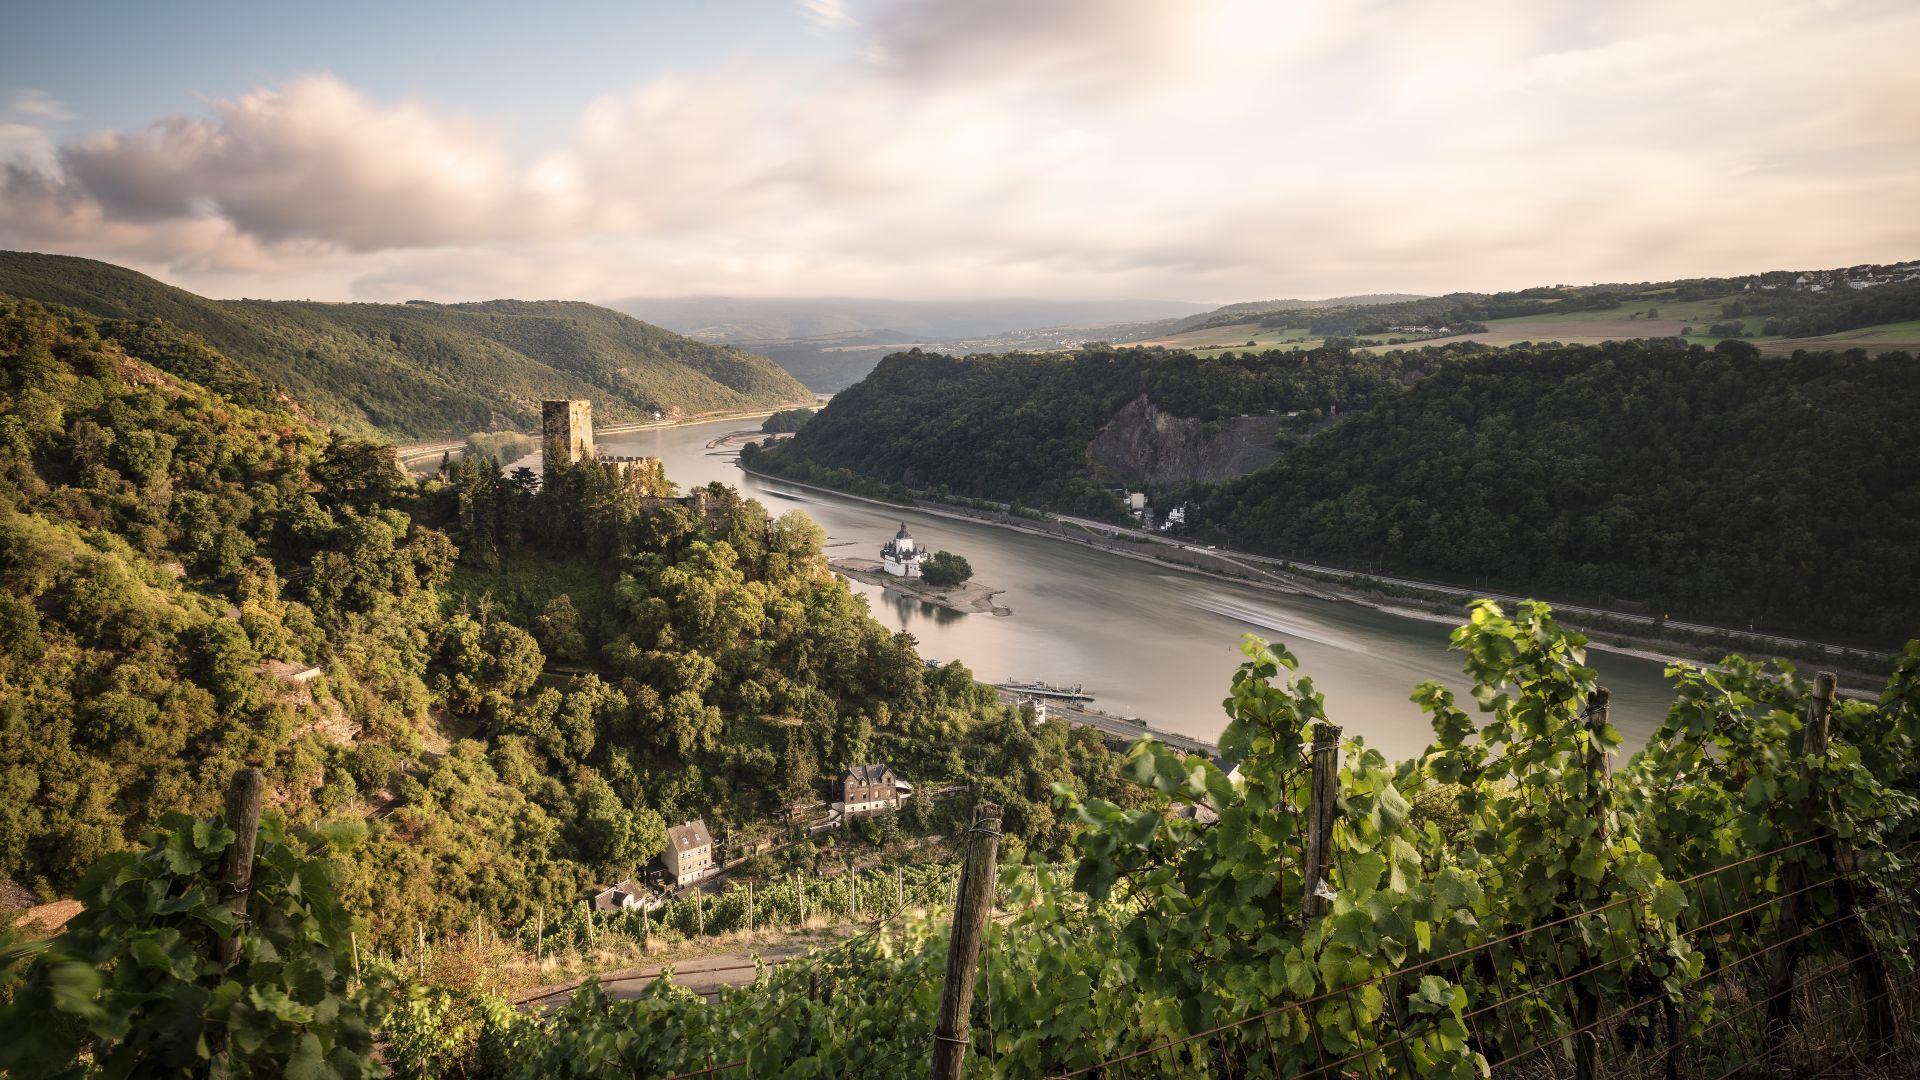 Oberes Mittelrheintal: Burg Gutenfels und Burg Pfalzgrafenstein am Rhein, UNESCO Welterbe